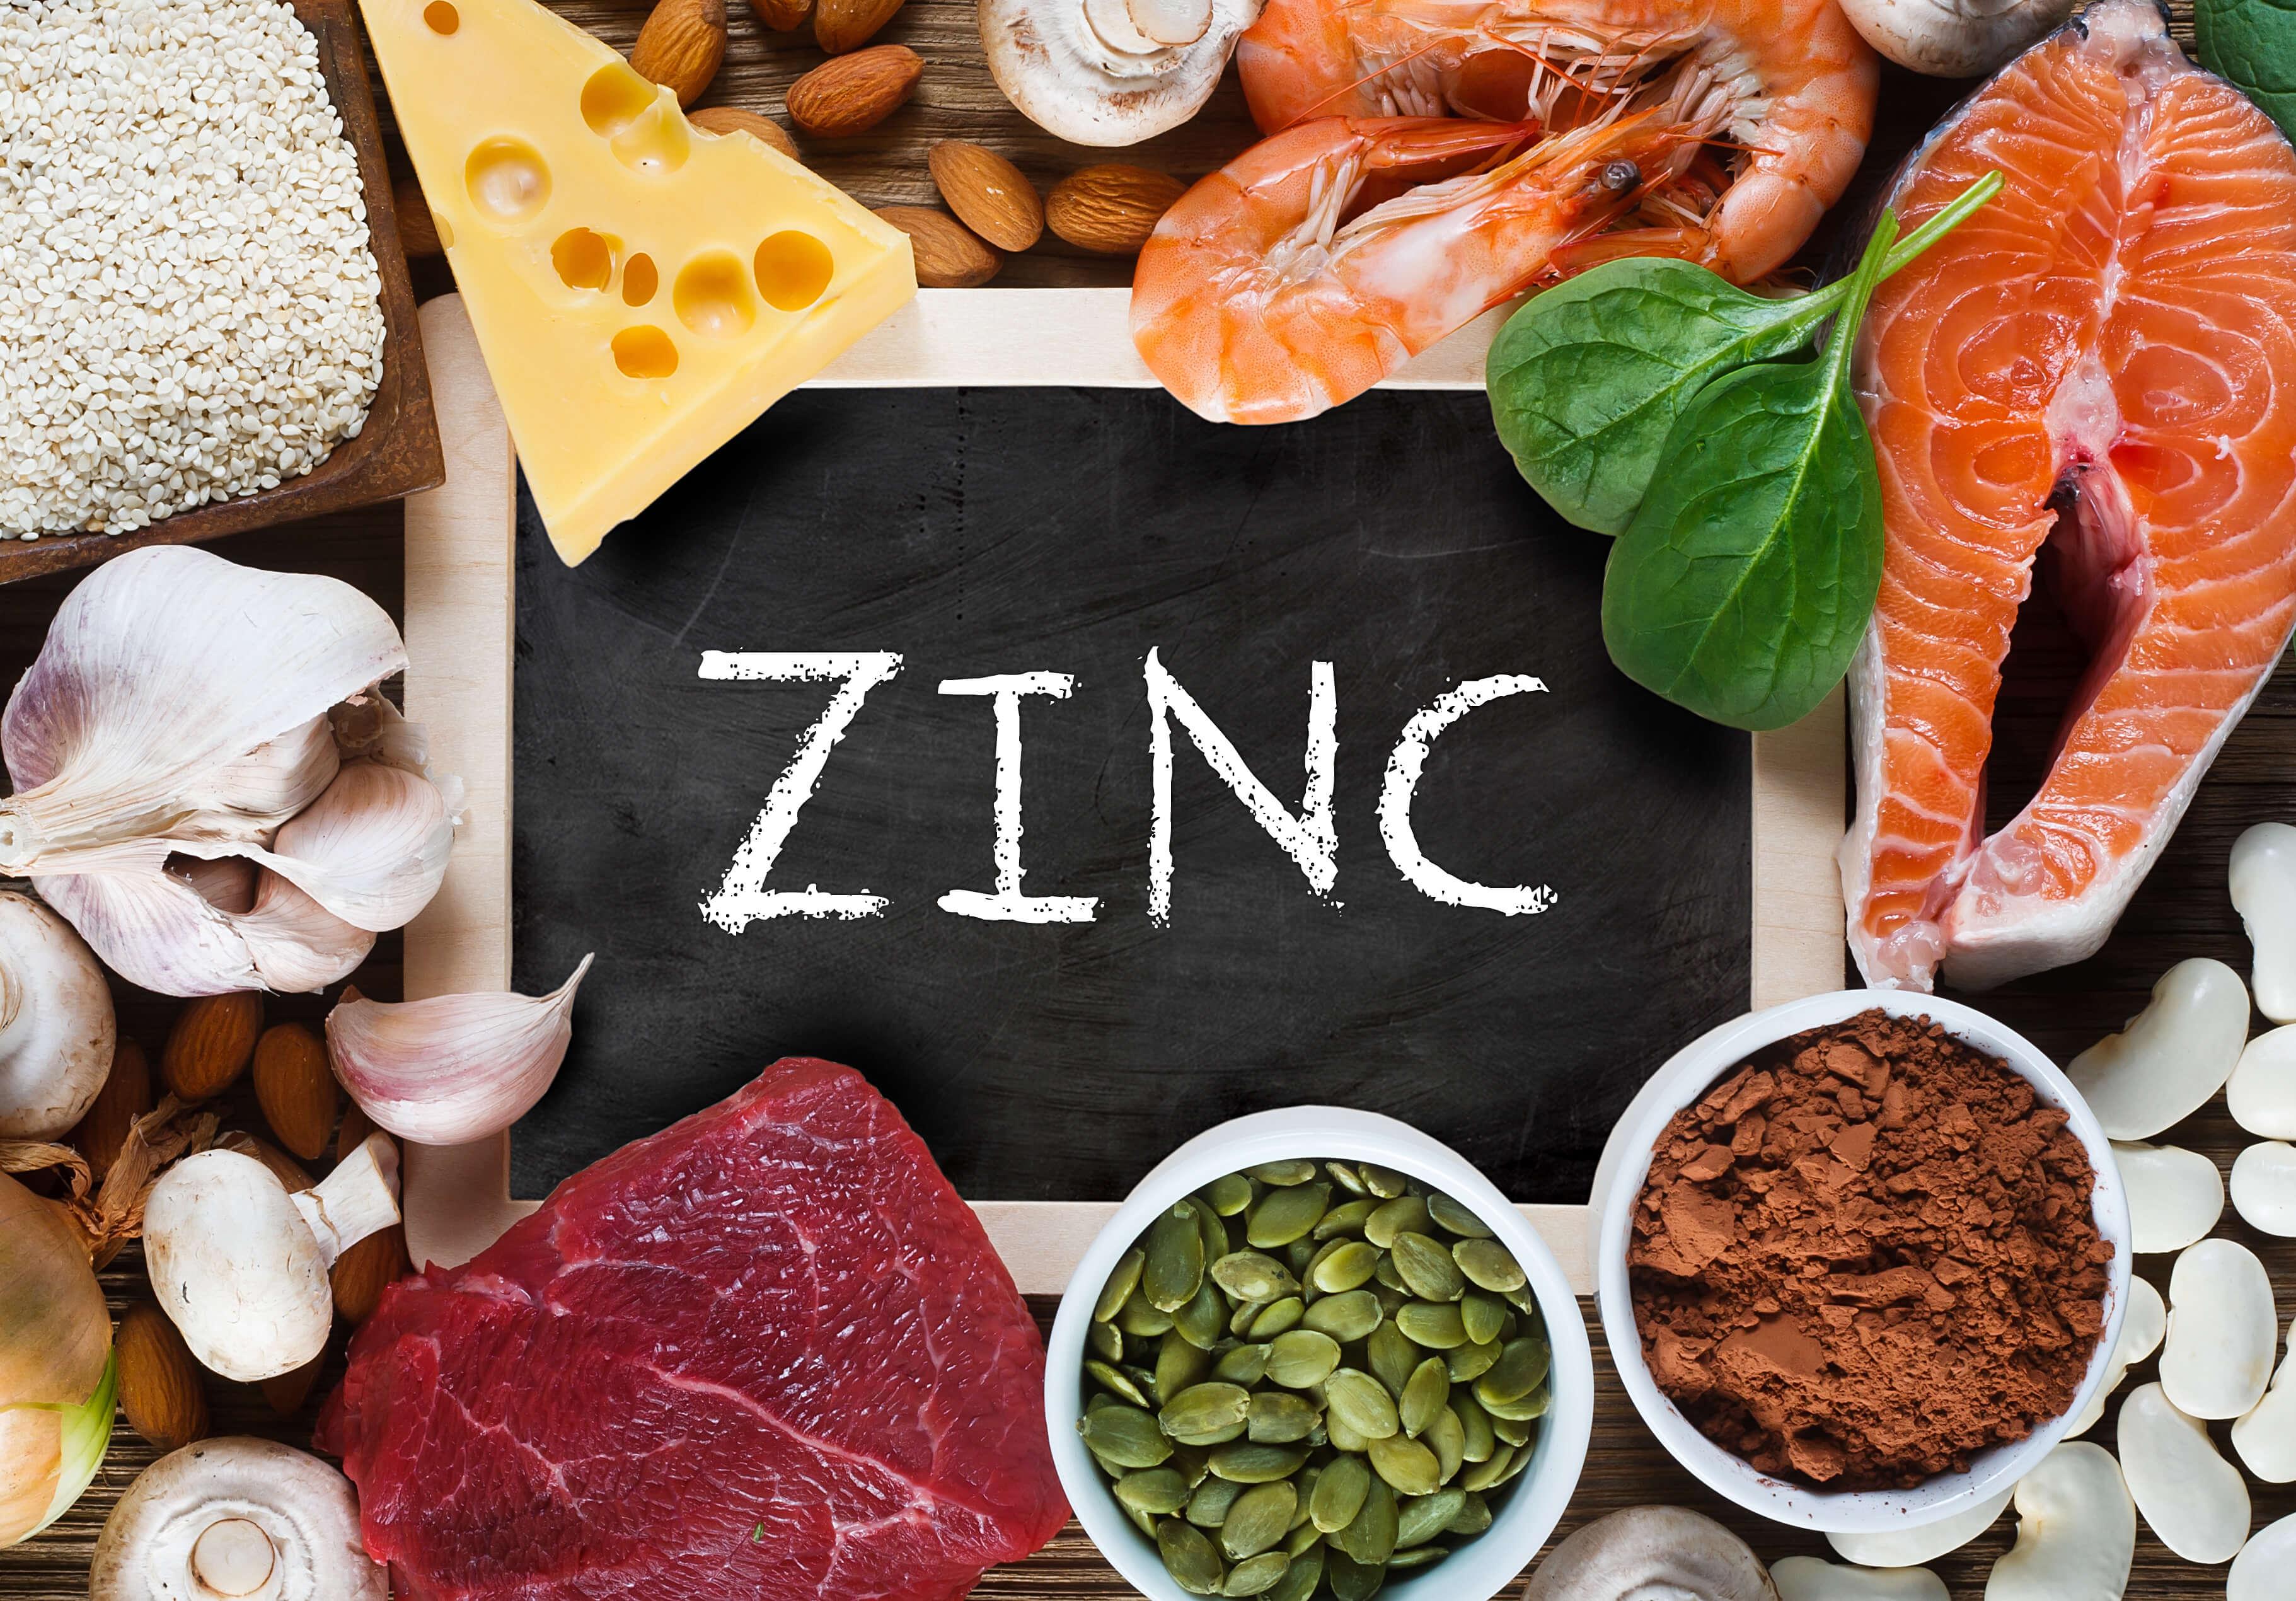 Image result for zinc food